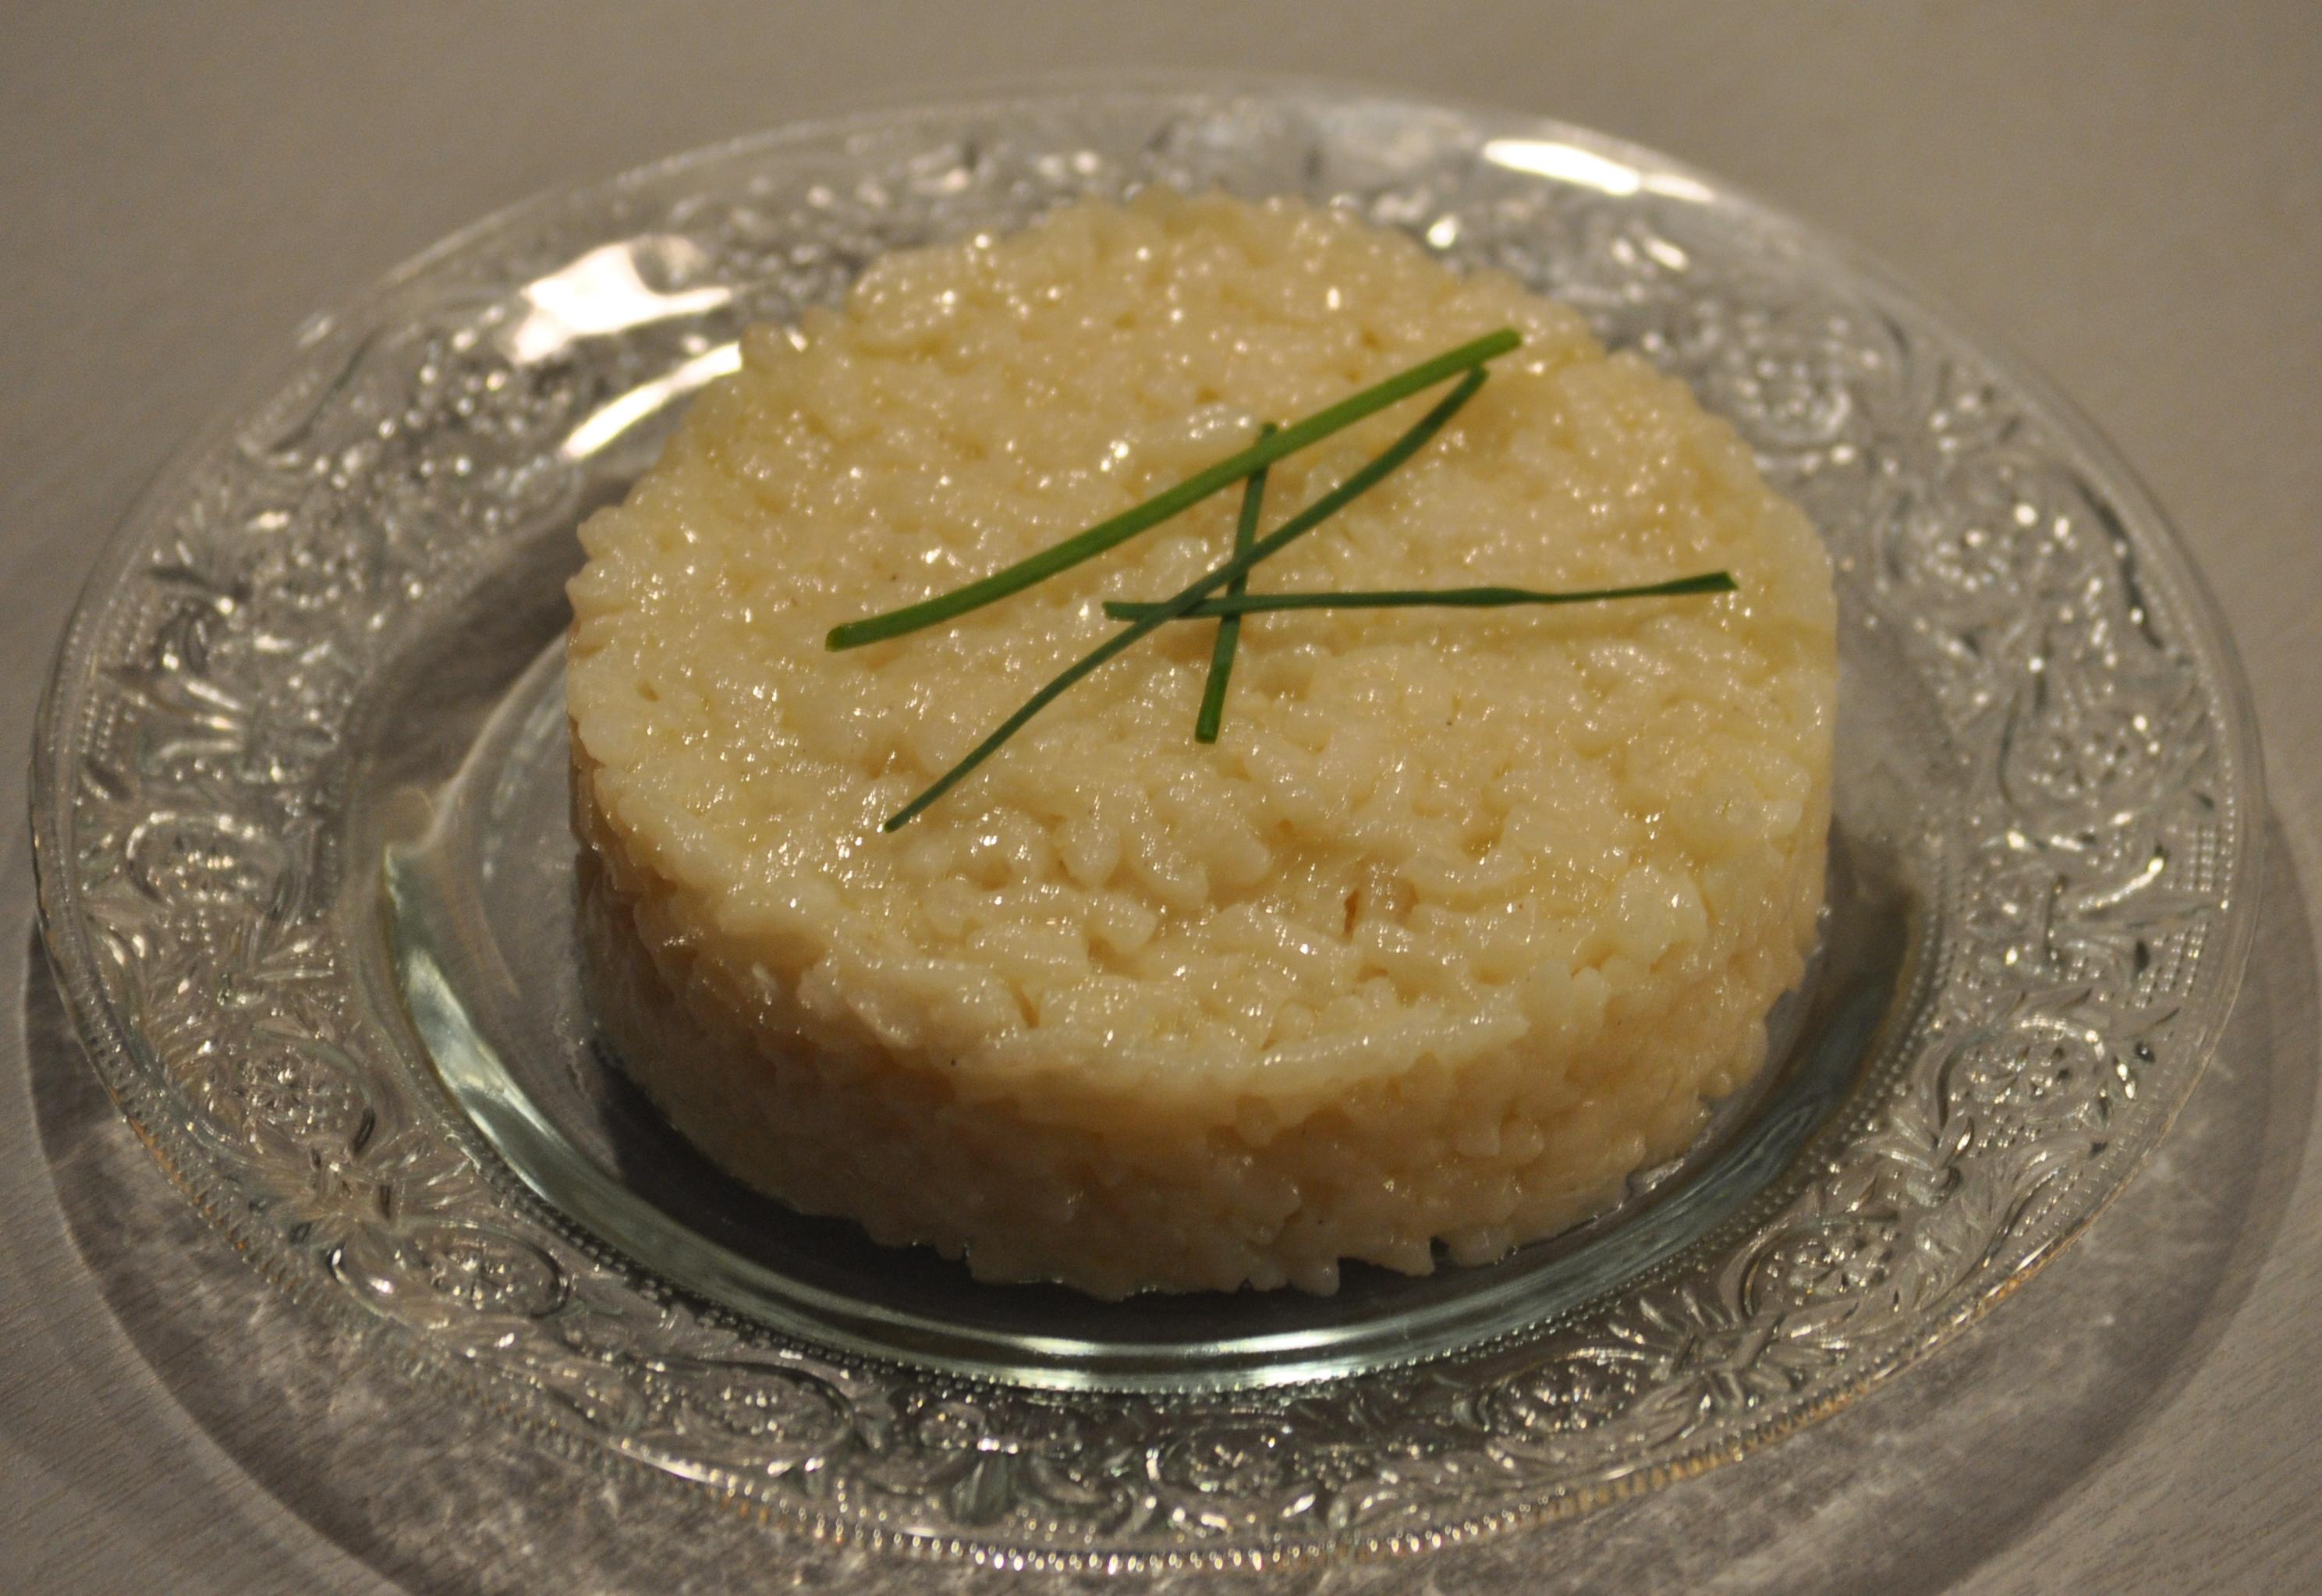 Ingrédients 300 g de riz arborio 50 g d'oignon blanc 10 cl d'huile d'olive 8 cl de vin blanc 90 cl bouillon de volaille 30 g de parmesan 15 g de beurre sel et poivre Epluchez l'oignon et coupez-le grossièrement. Mettez-le dans le robot muni du couteau hachoir ultrablade et mixez en vitesse 11 pendant 10 s. Remplacez le couteau par le mélangeur, ajoutez l'huile d'olive et lancez le programme mijoté P1 sans le bouchon pour 7 minutes. Lorsque le minuteur indique qu'il reste 4 minutes, ajoutez le riz. Lorsqu'il ne reste qu'1 minute, ajoutez le vin blanc. A la fin du programme, ajoutez le bouillon de volaille et lancez le programme mijoté P3 à 95°C pour 20 minutes avec le bouchon. A la fin de la cuisson, ajoutez le parmesan et le beurre et mélangez délicatement. Rectifiez l'assaisonnement et servez sans attendre.